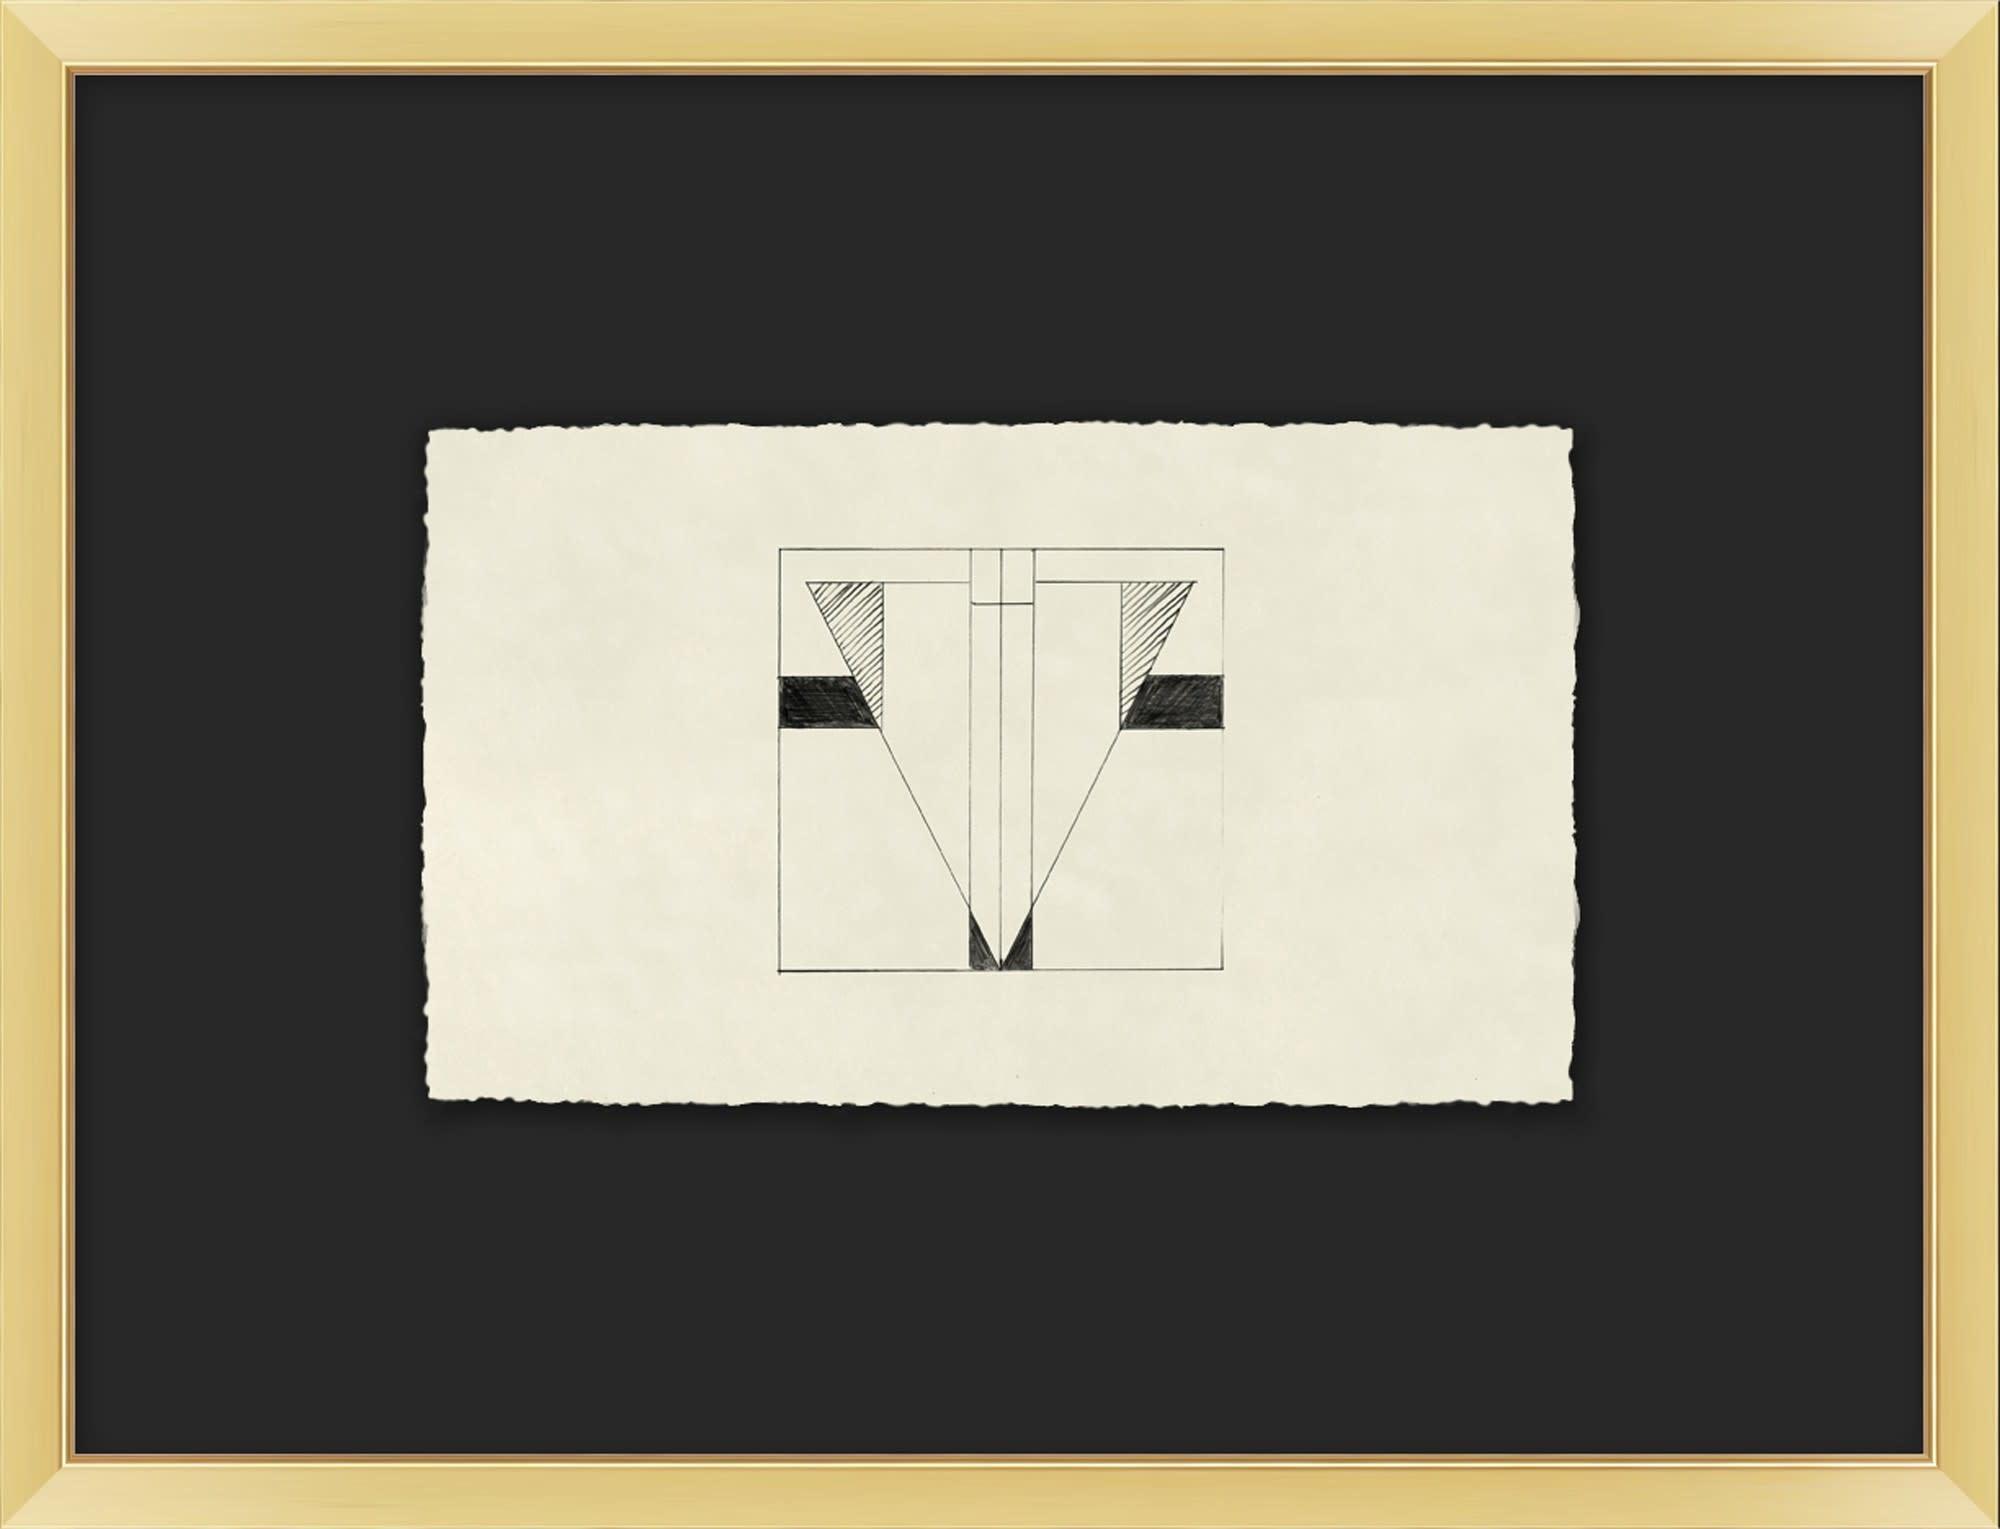 Wendover Art Group Avante Sketch 2